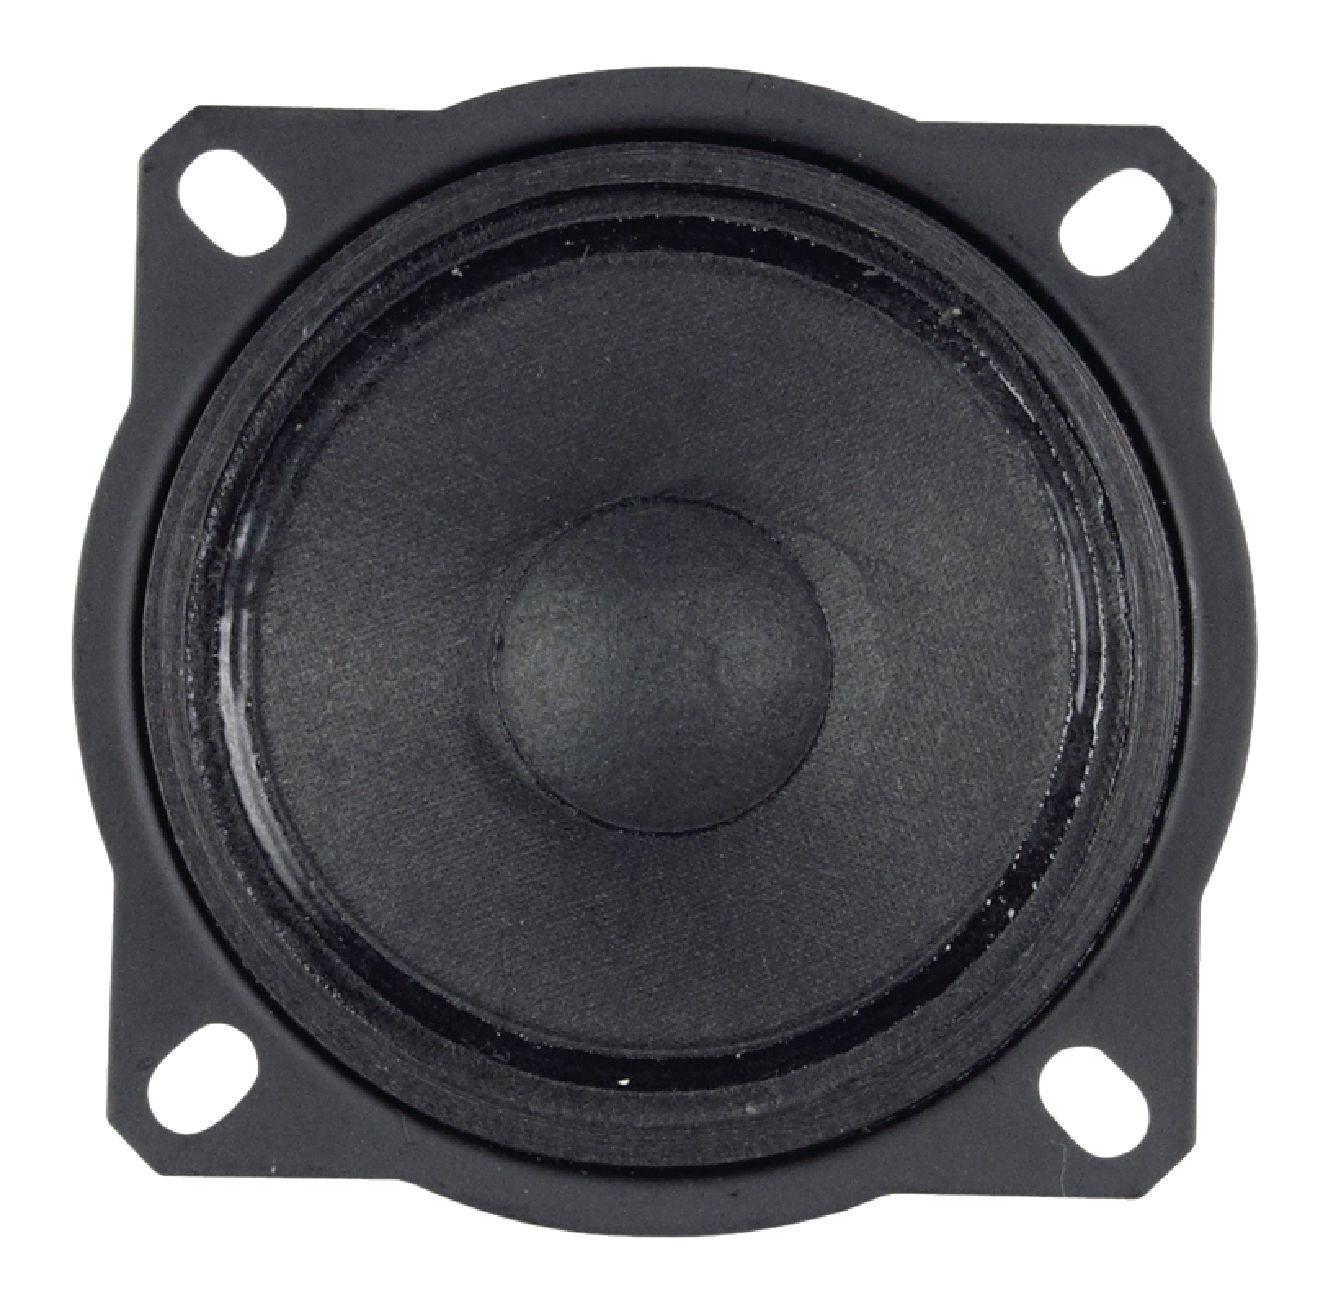 VISATON Kuželový výškový reproduktor 5 cm (2) 8 Ohm